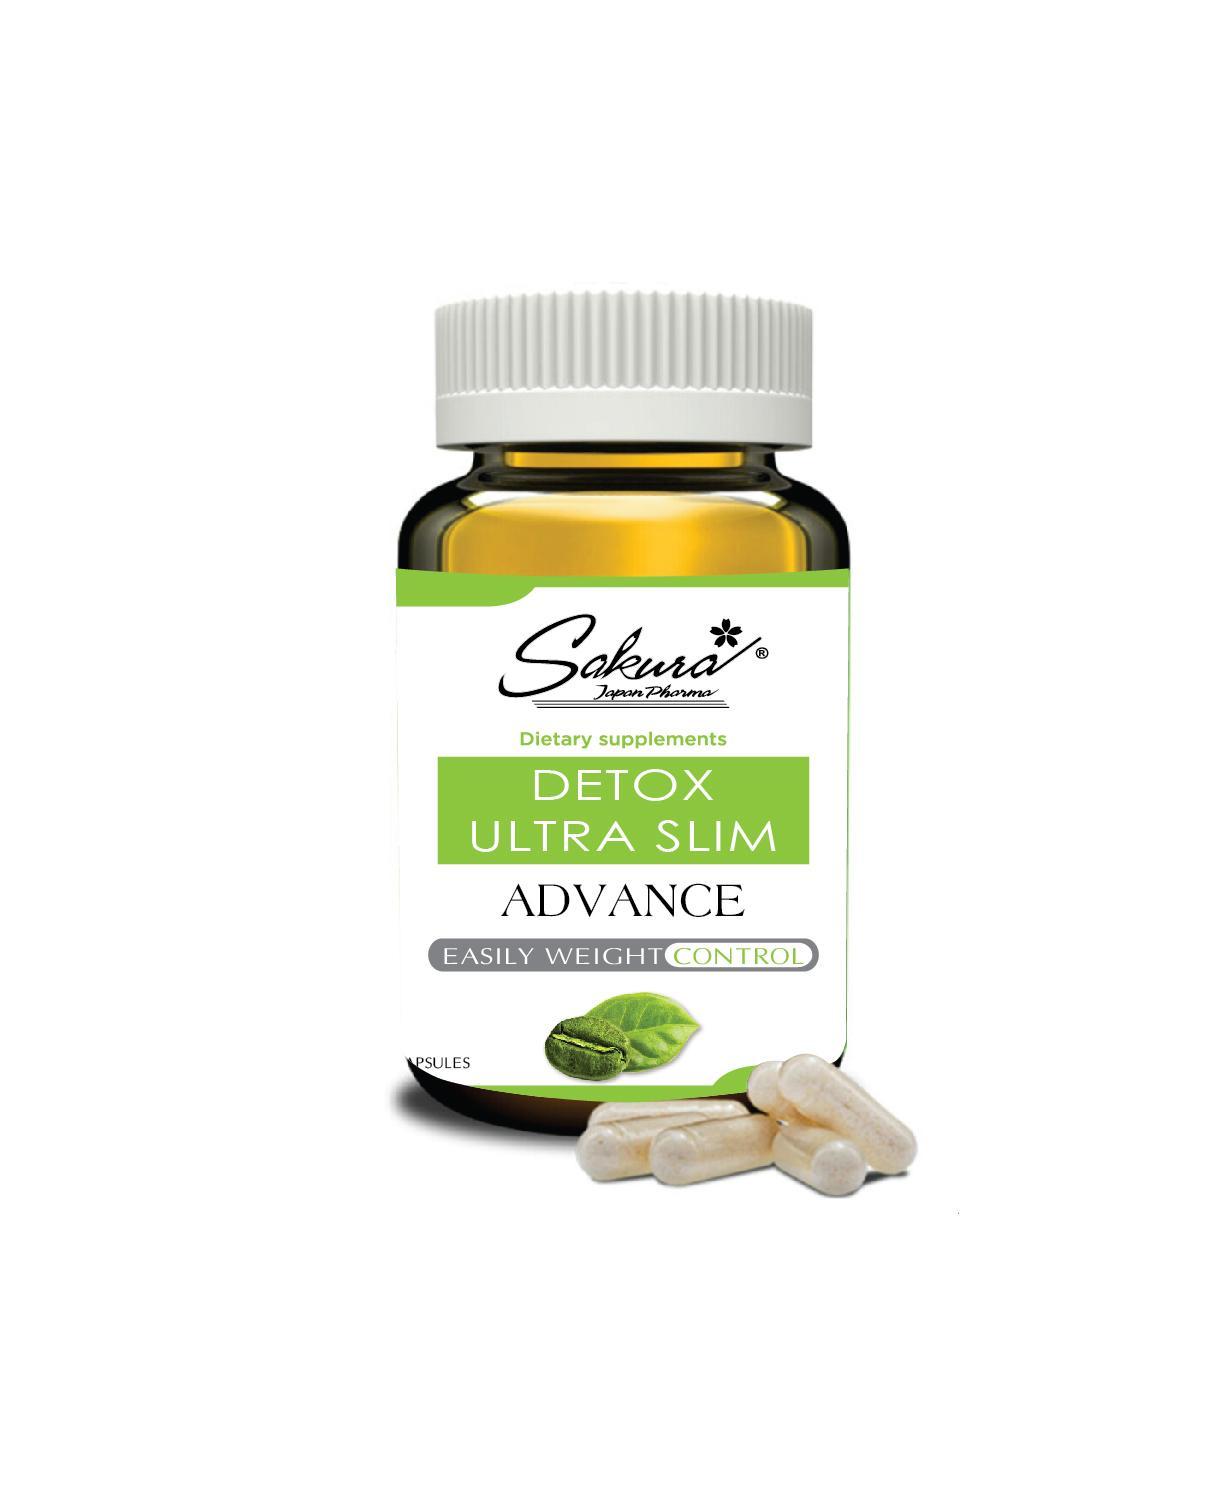 Giảm cân hiệu quả bằng thảo dược thiên nhiên, Sakura Detox Ultra Slim ( tăng 1 hộp giải độc gan  detox life ) nhập khẩu